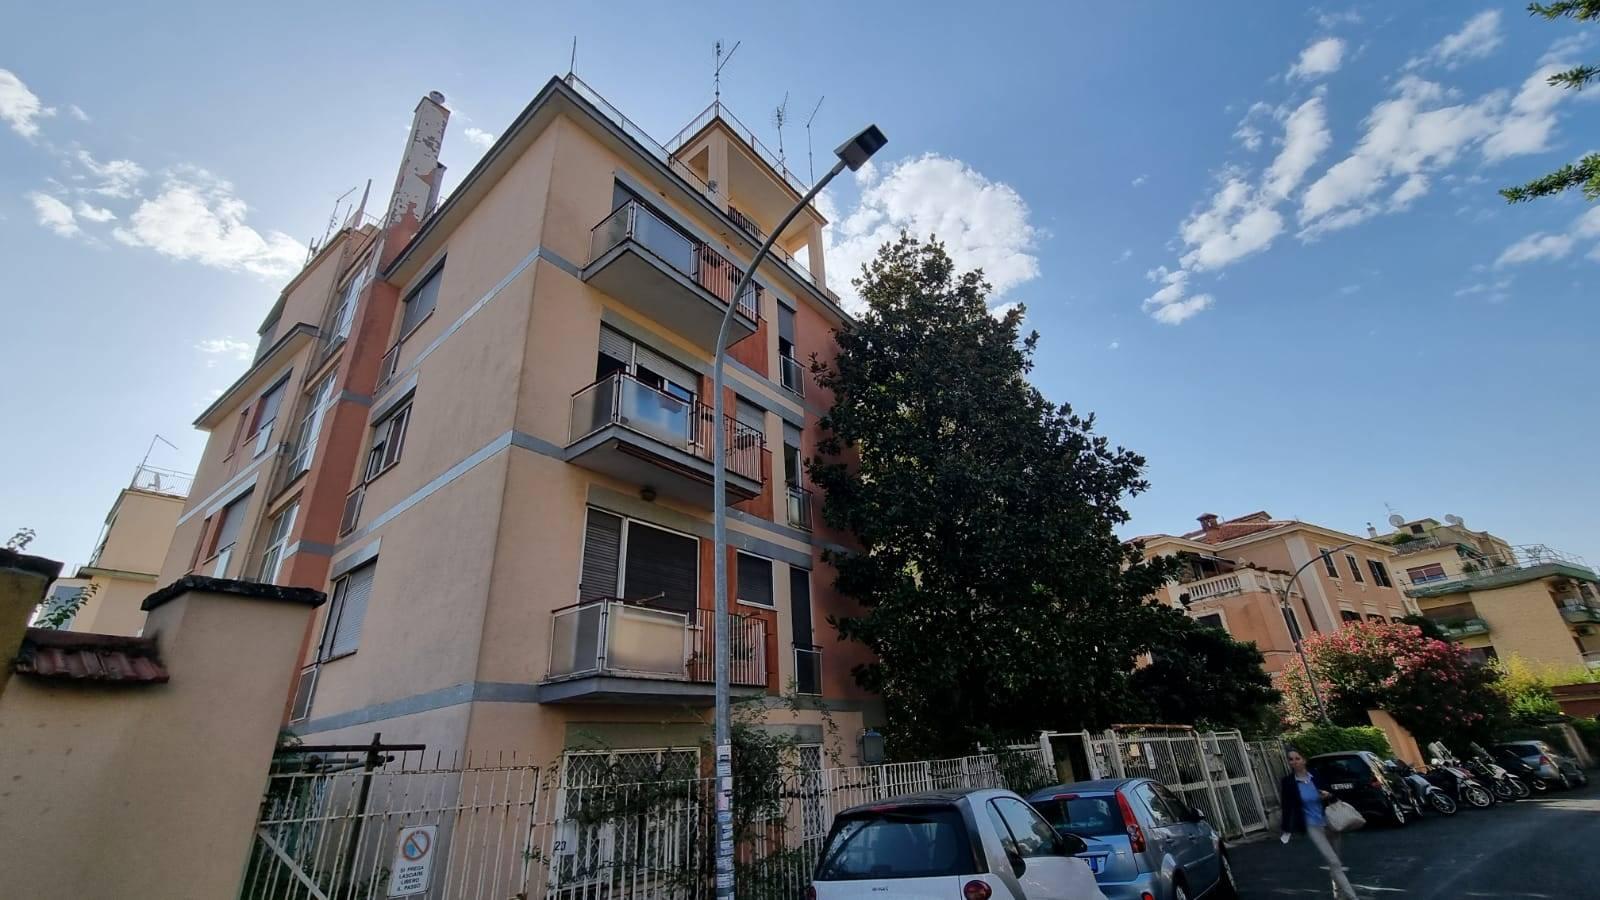 Città Giardino Via Capo Peloro proponiamo in affitto monolocale di 40 mq composto da ingresso, cucina abitabile, camera matrimoniale e bagno con